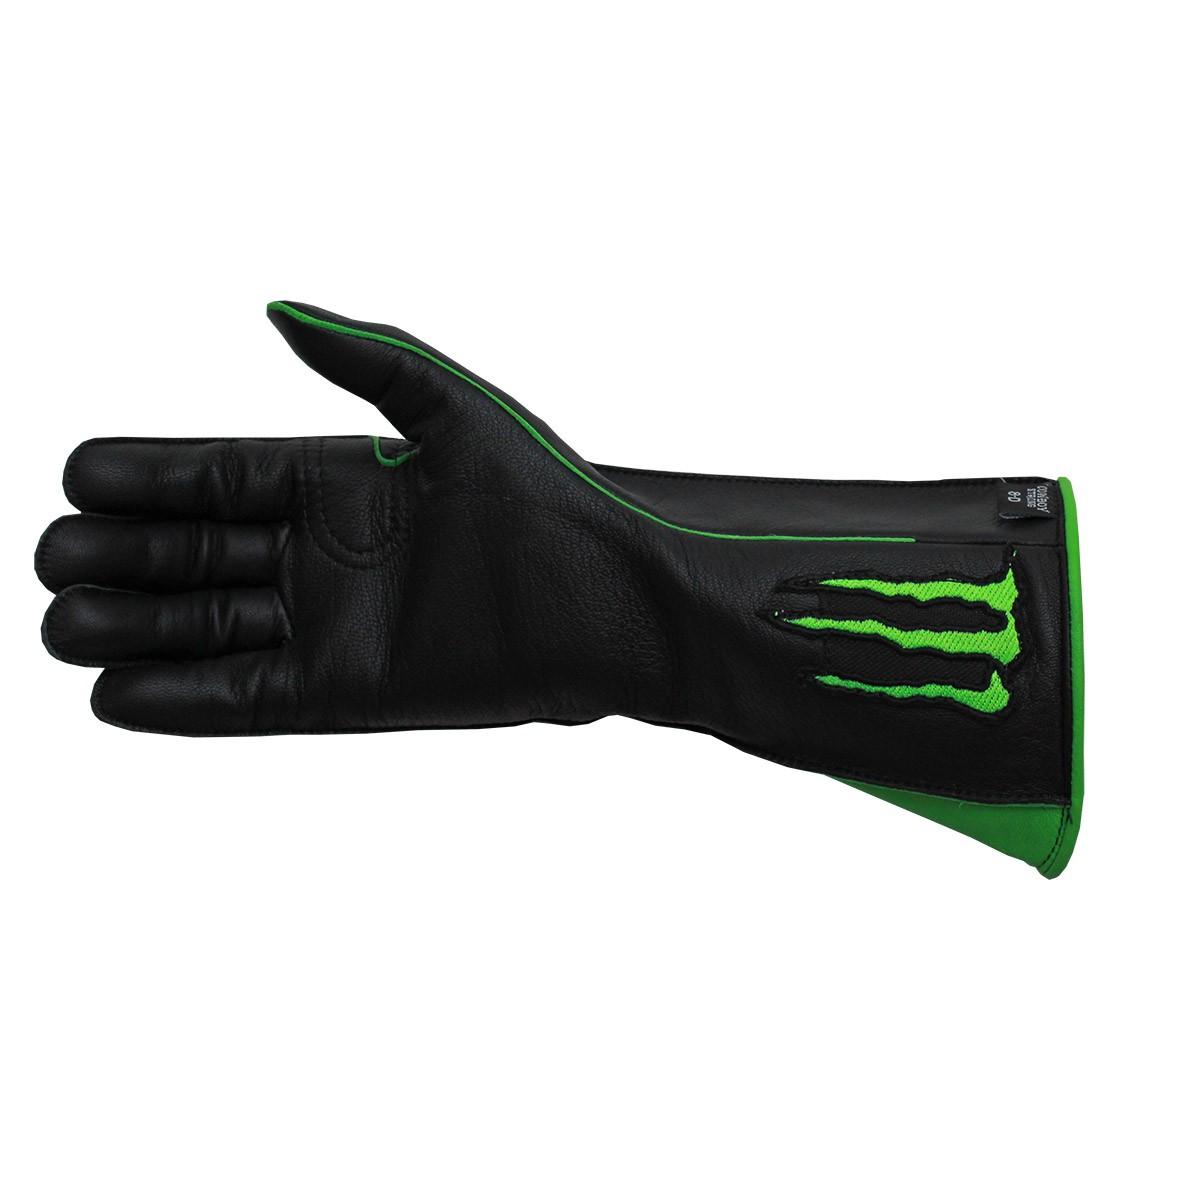 Luva De Montaria Cowboy Strong Monster Preta Com Verde Mão Esquerda